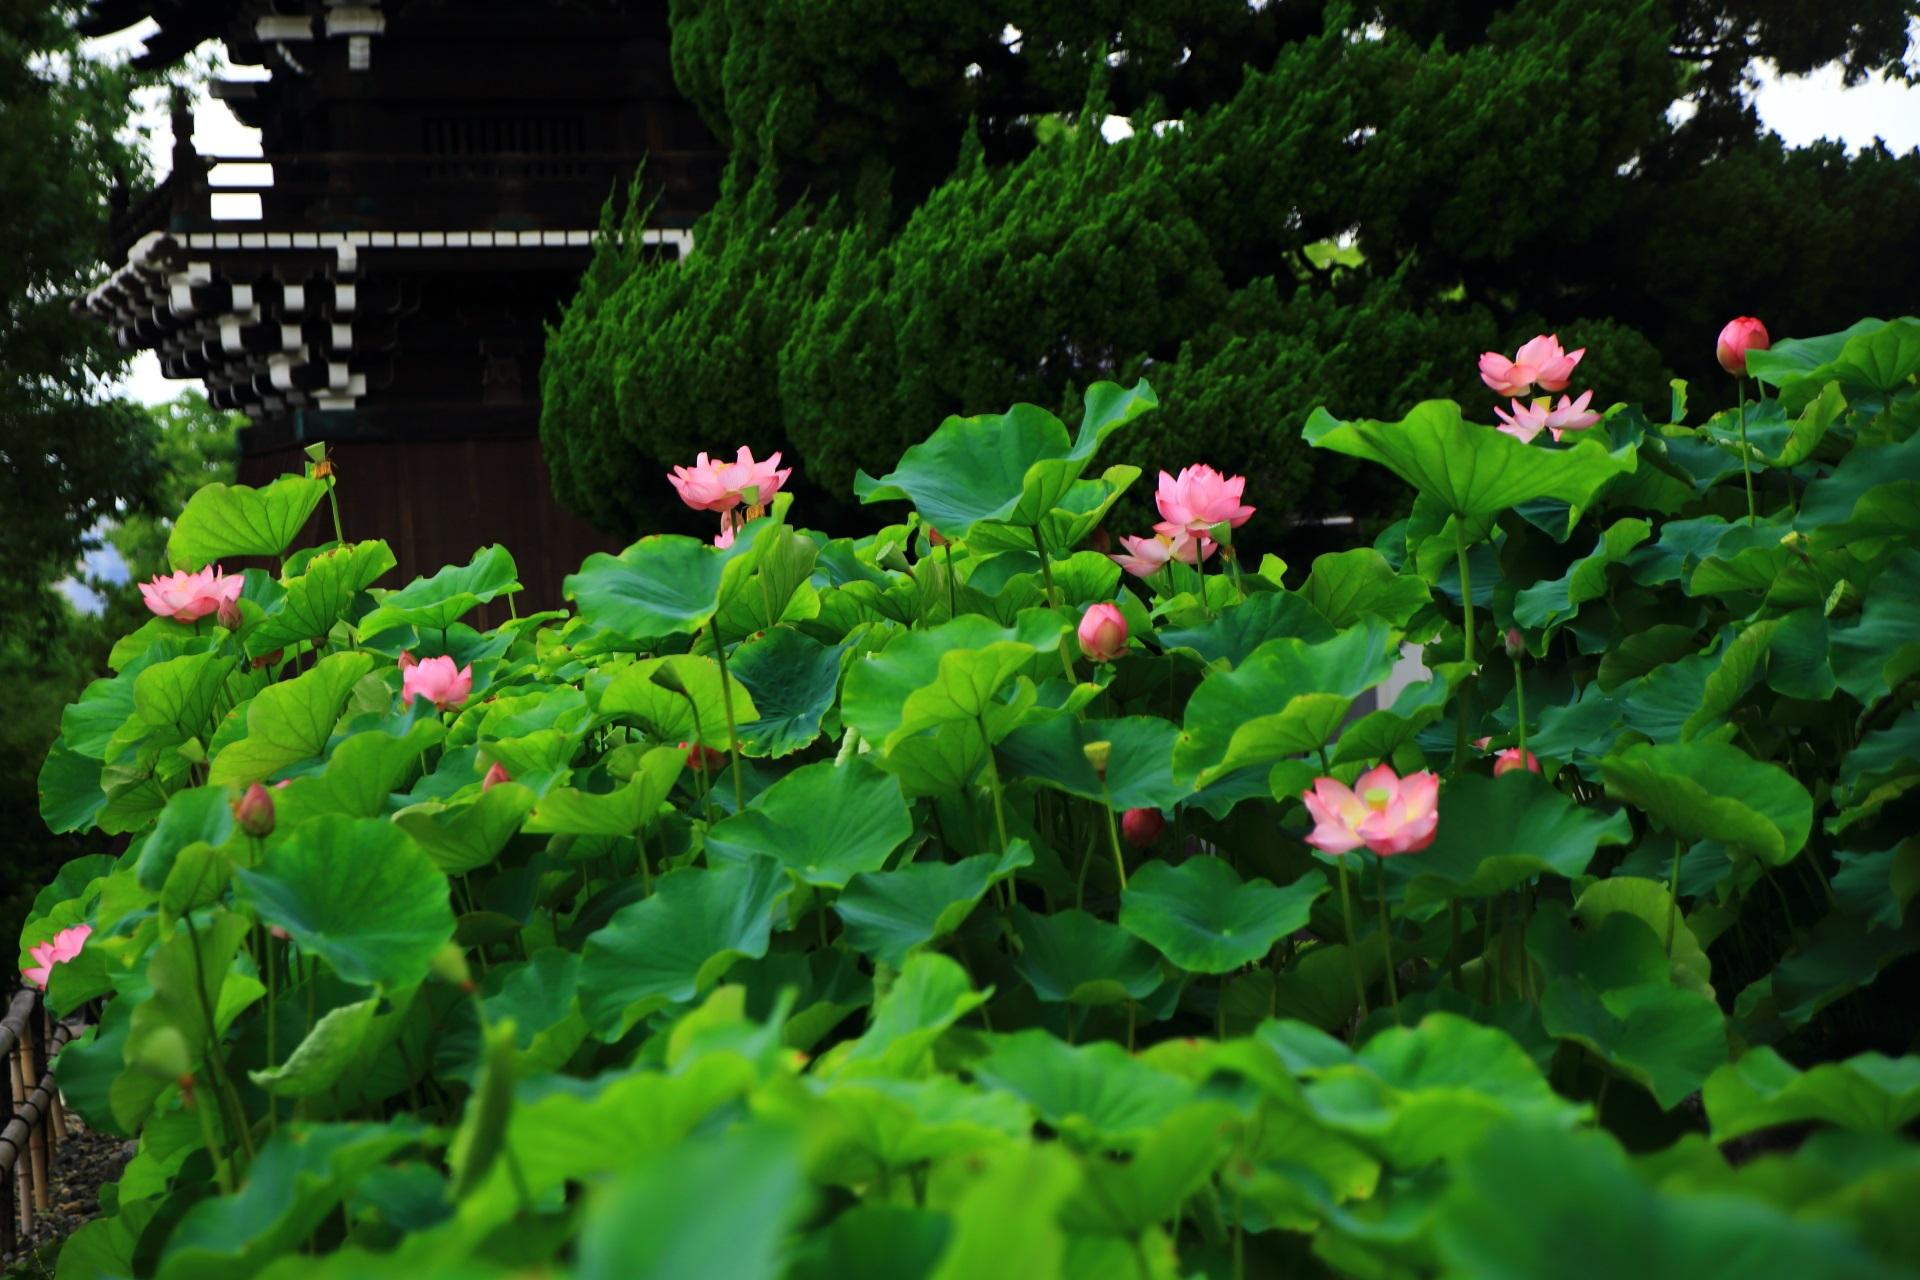 ハスの緑とピンクの綺麗なコントラストと華やかな色合い